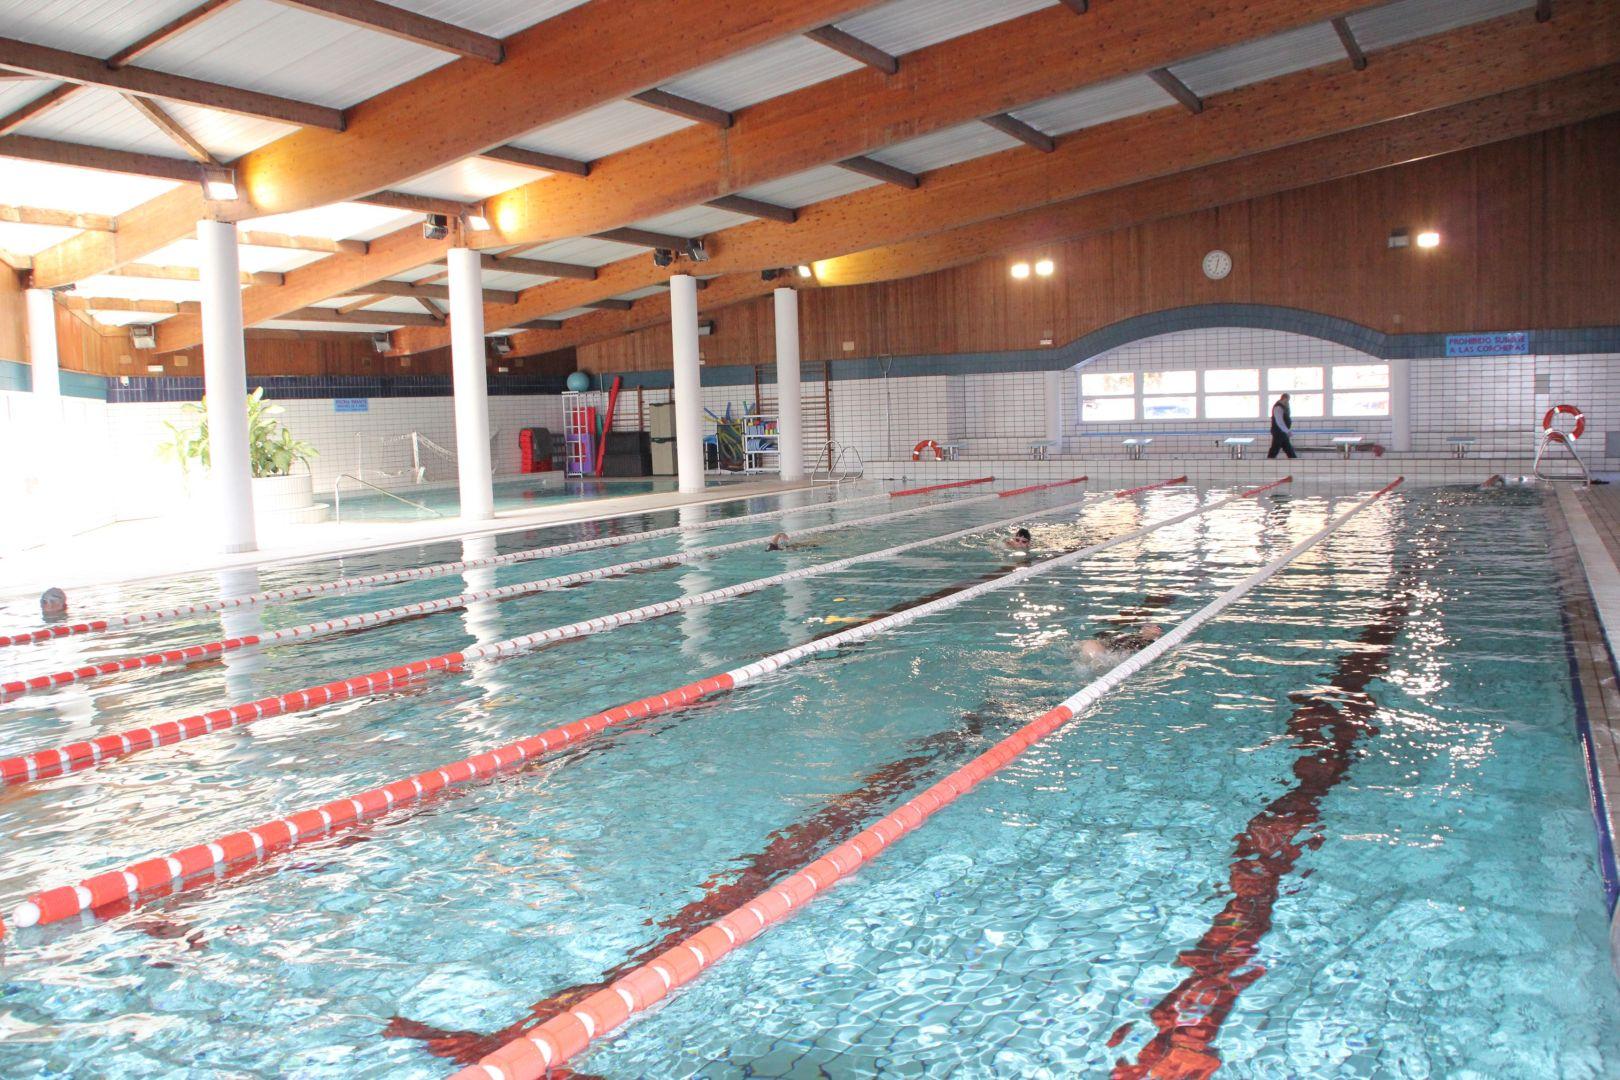 Piscinas cubiertas malaga elegant piscinas cubiertas en for Piscina cubierta alminares granada